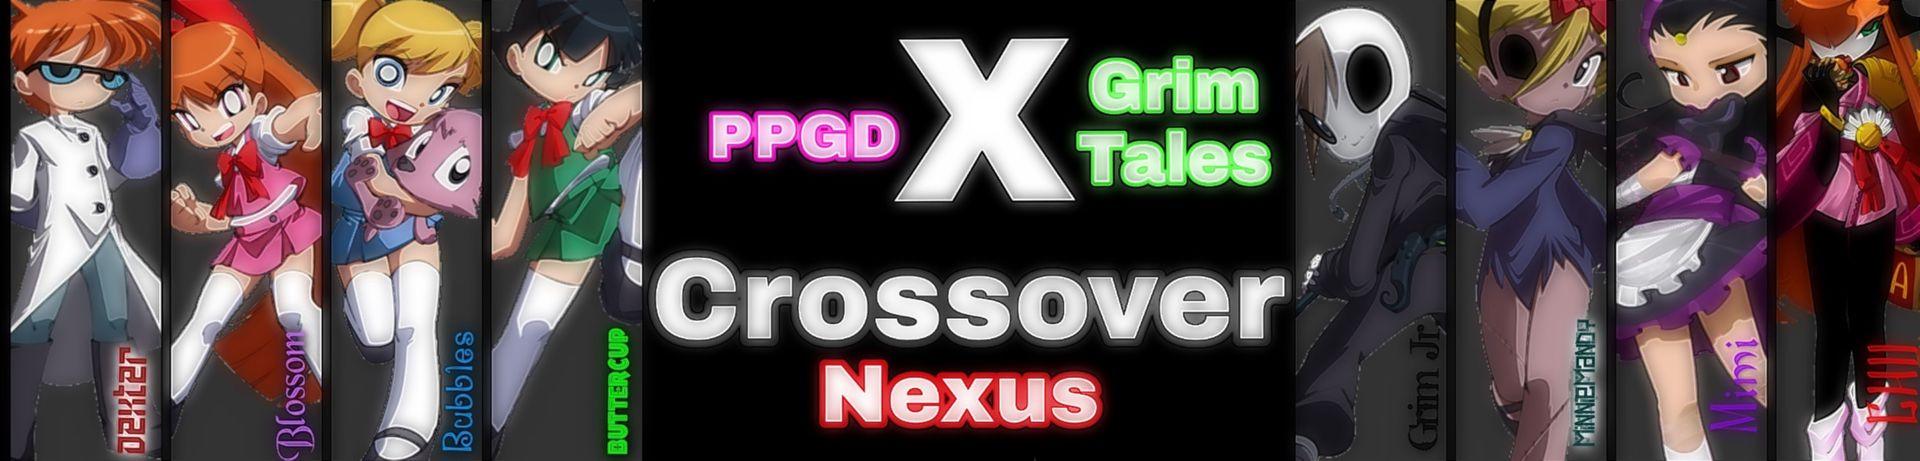 Grim tales X PPGD Crossover Nexus - Capitulo 1 - Página 3